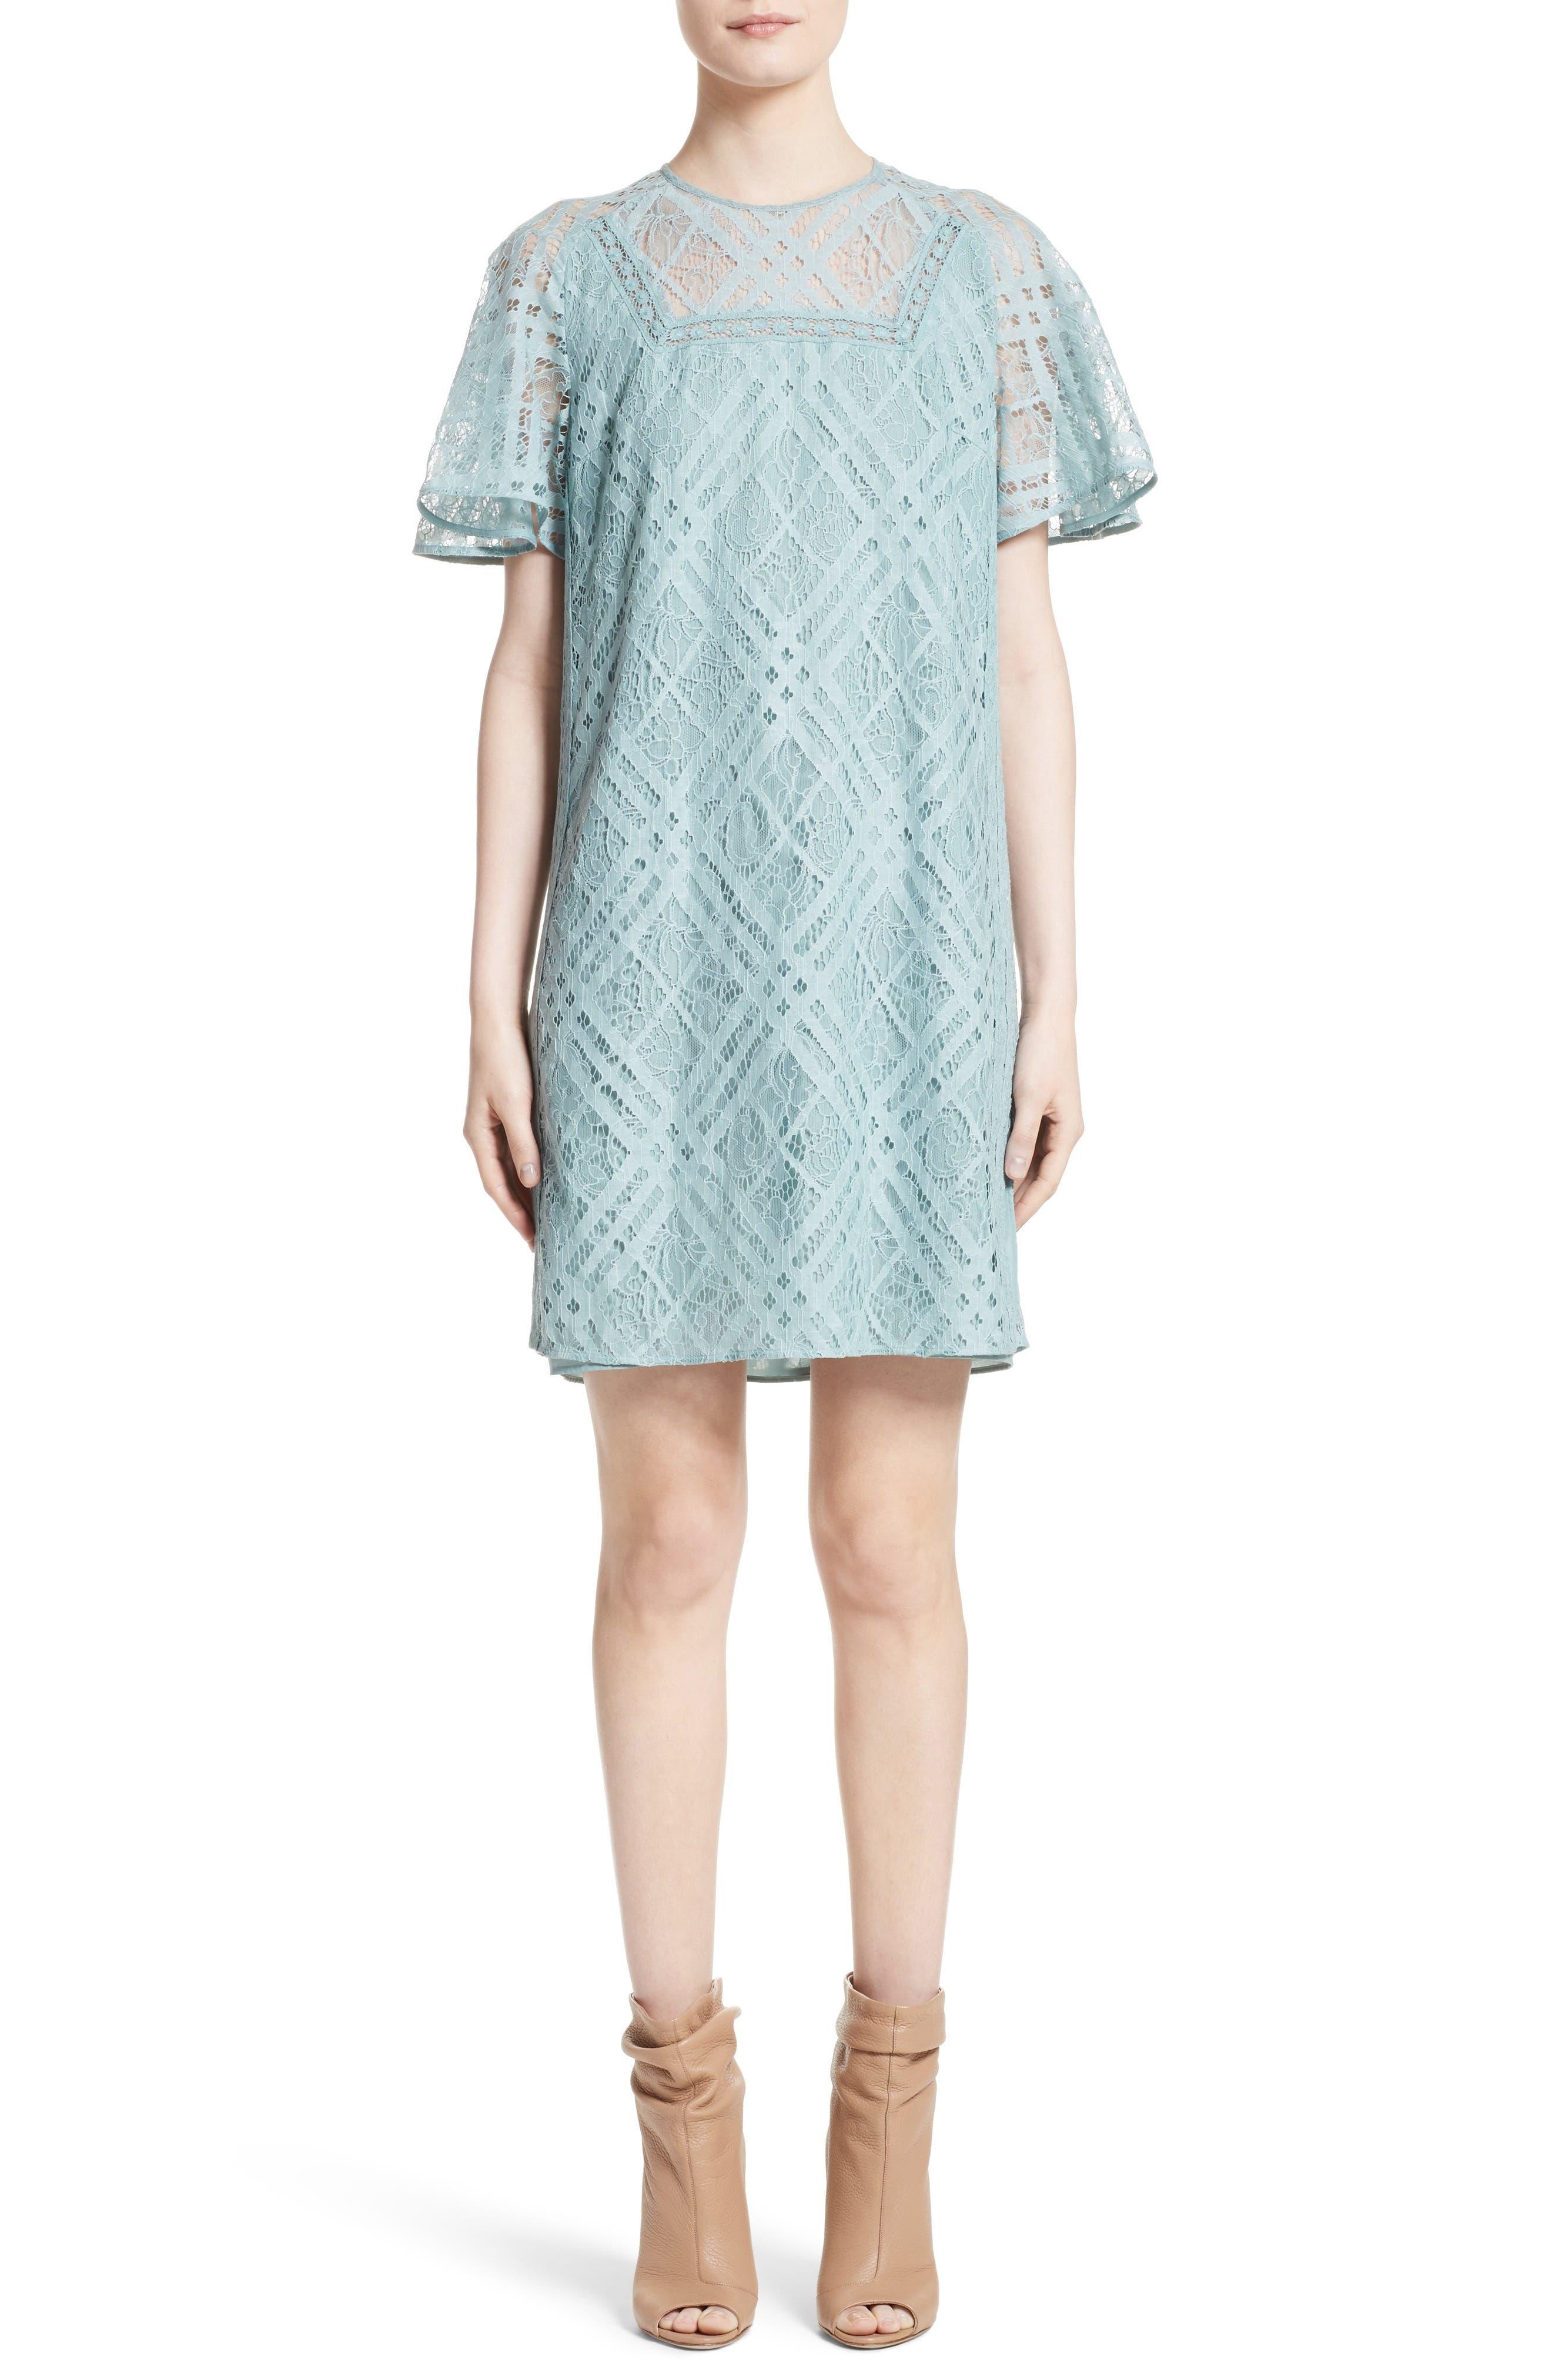 Keri Floral Check Lace Dress,                             Main thumbnail 1, color,                             450